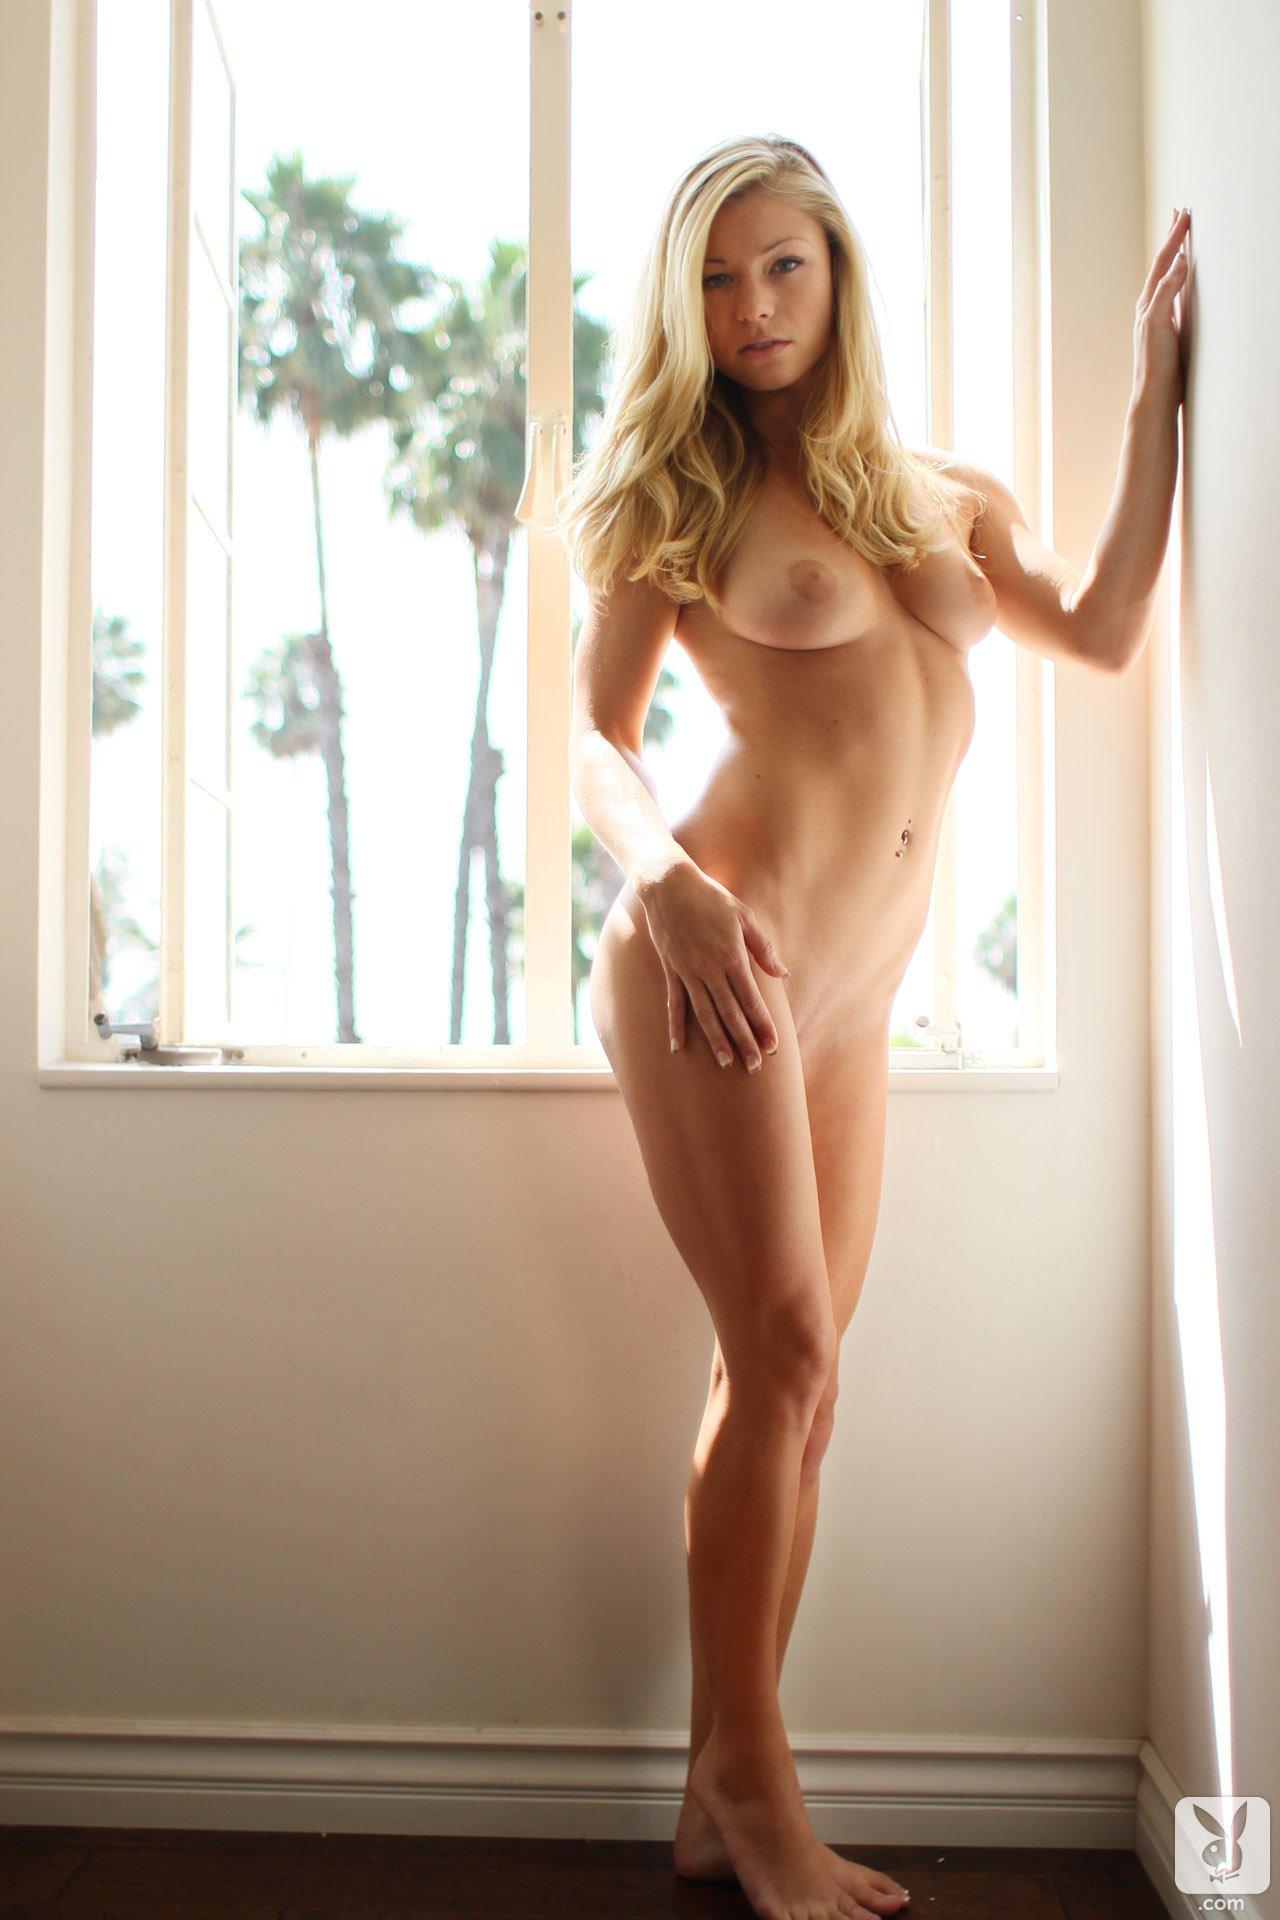 Hot women bending over but naked